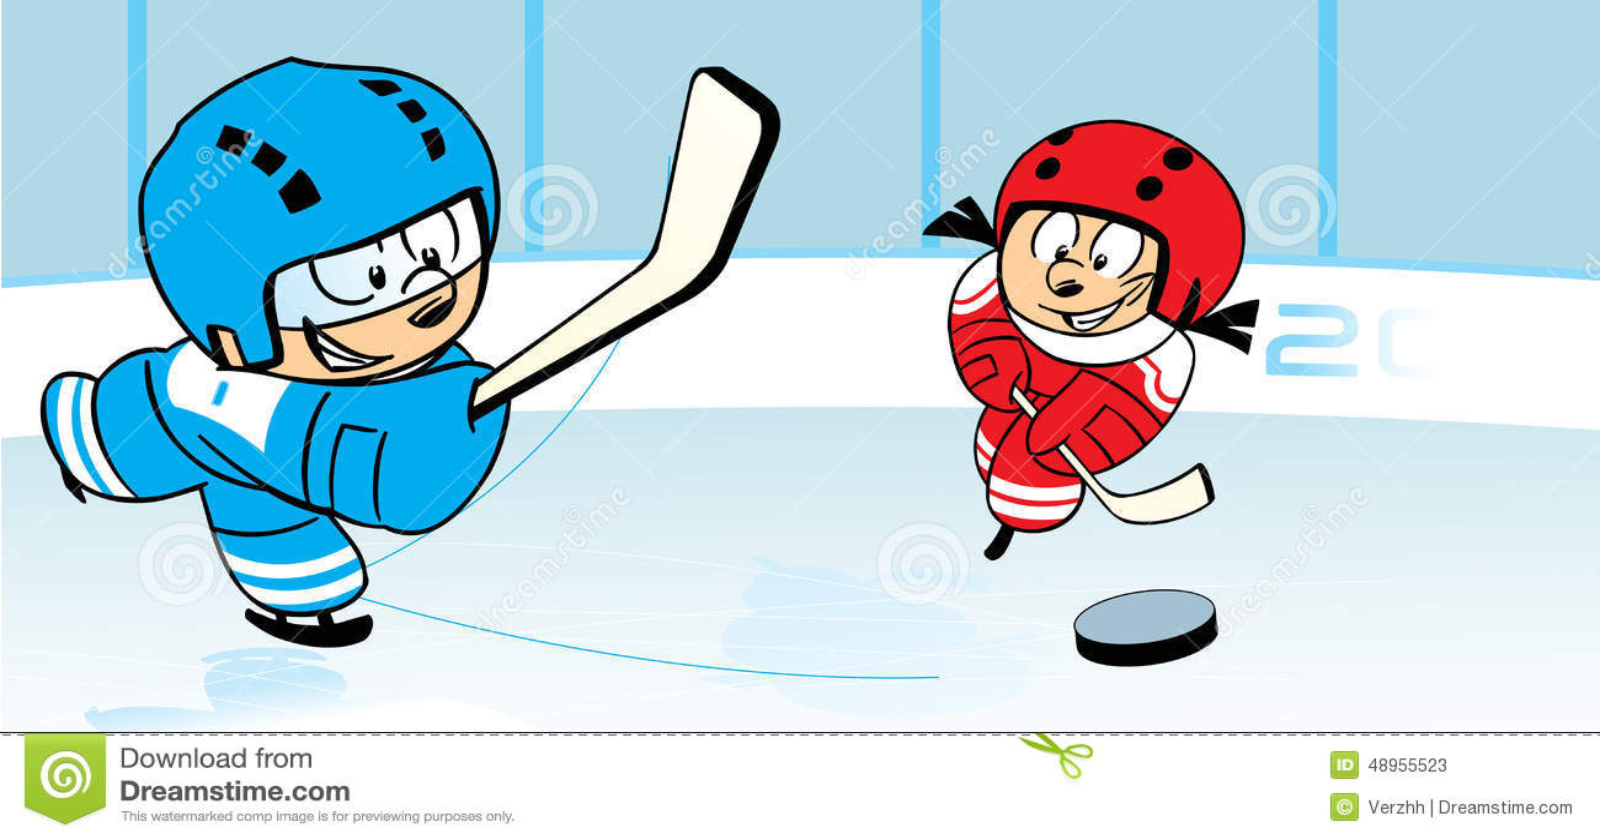 Hockey sur glace illustration de vecteur illustration du enfance 48955523 - Dessin hockey sur glace ...